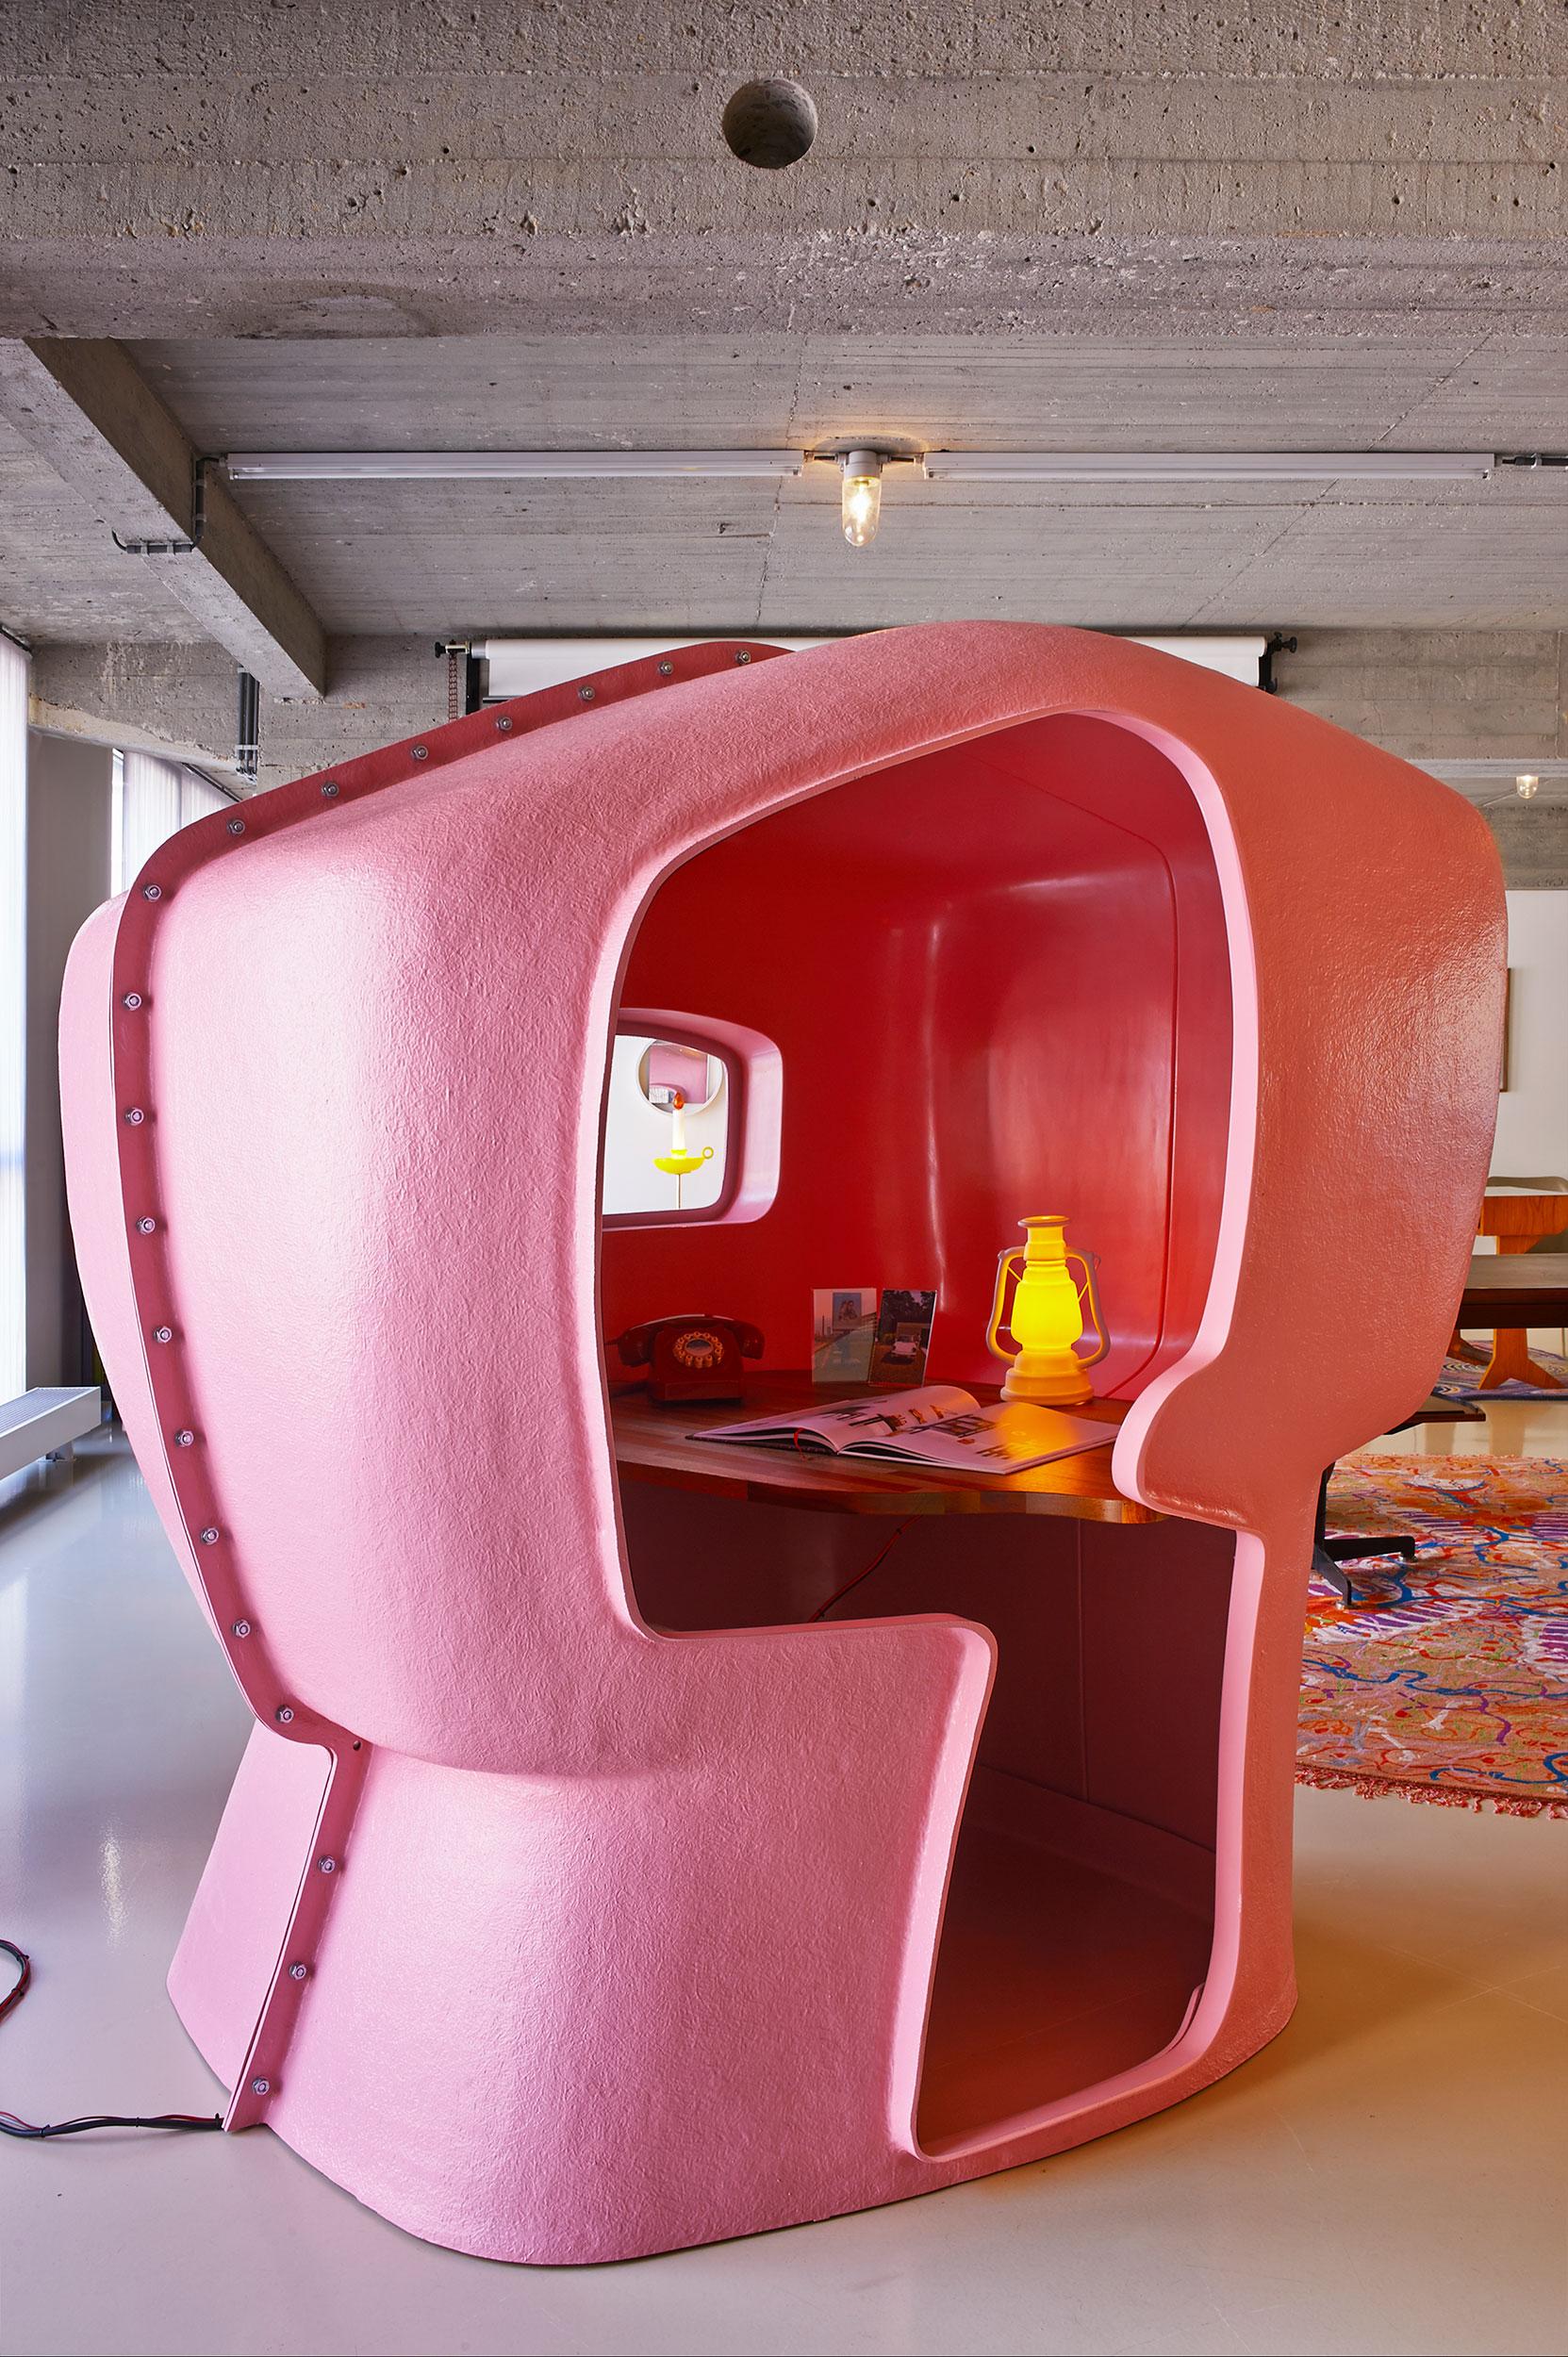 Studio-Job-Loft-1st-floor-office-ph-Dennis-Brandsma-22713-0174